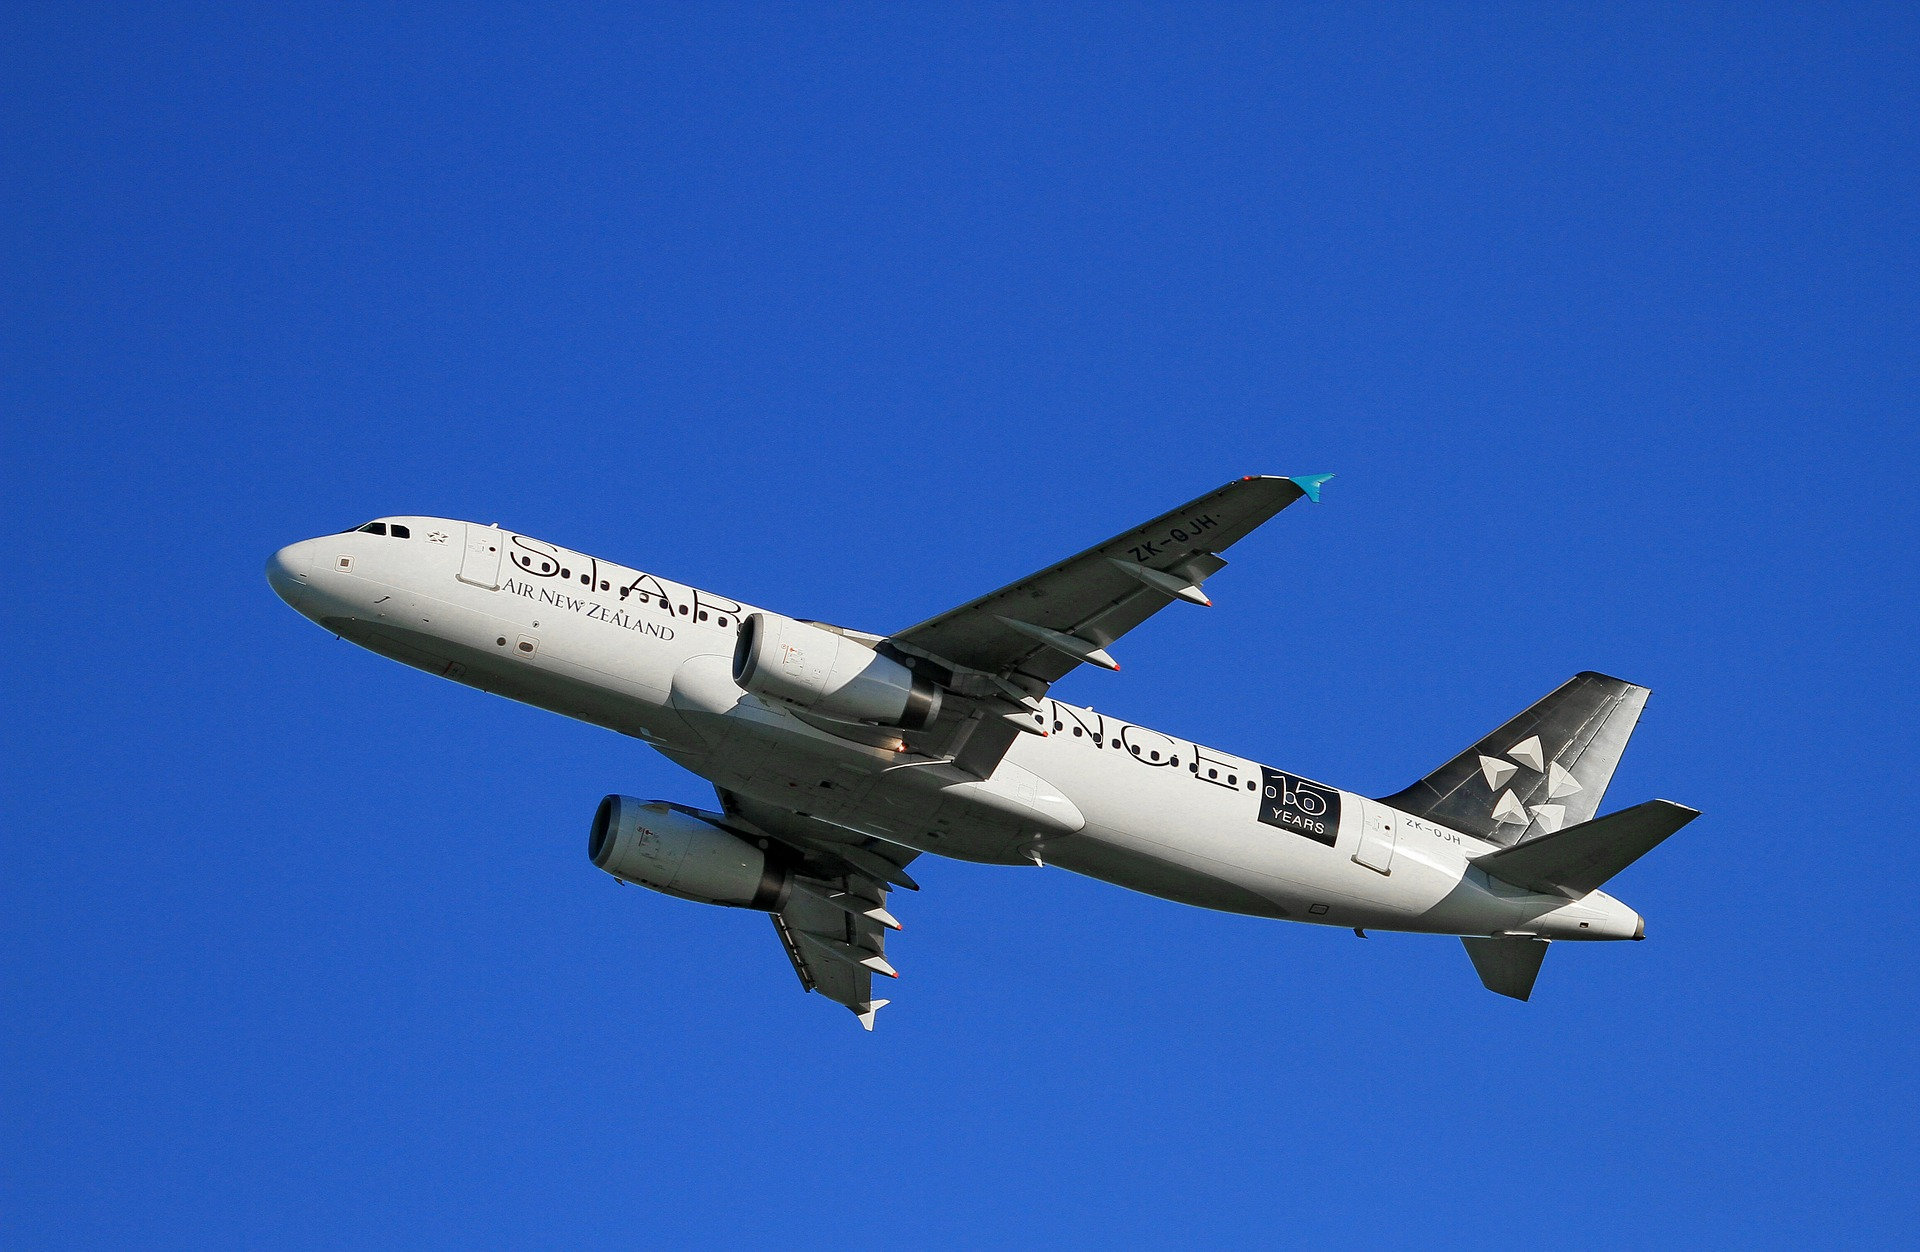 Wrażenia z podróży samolotem